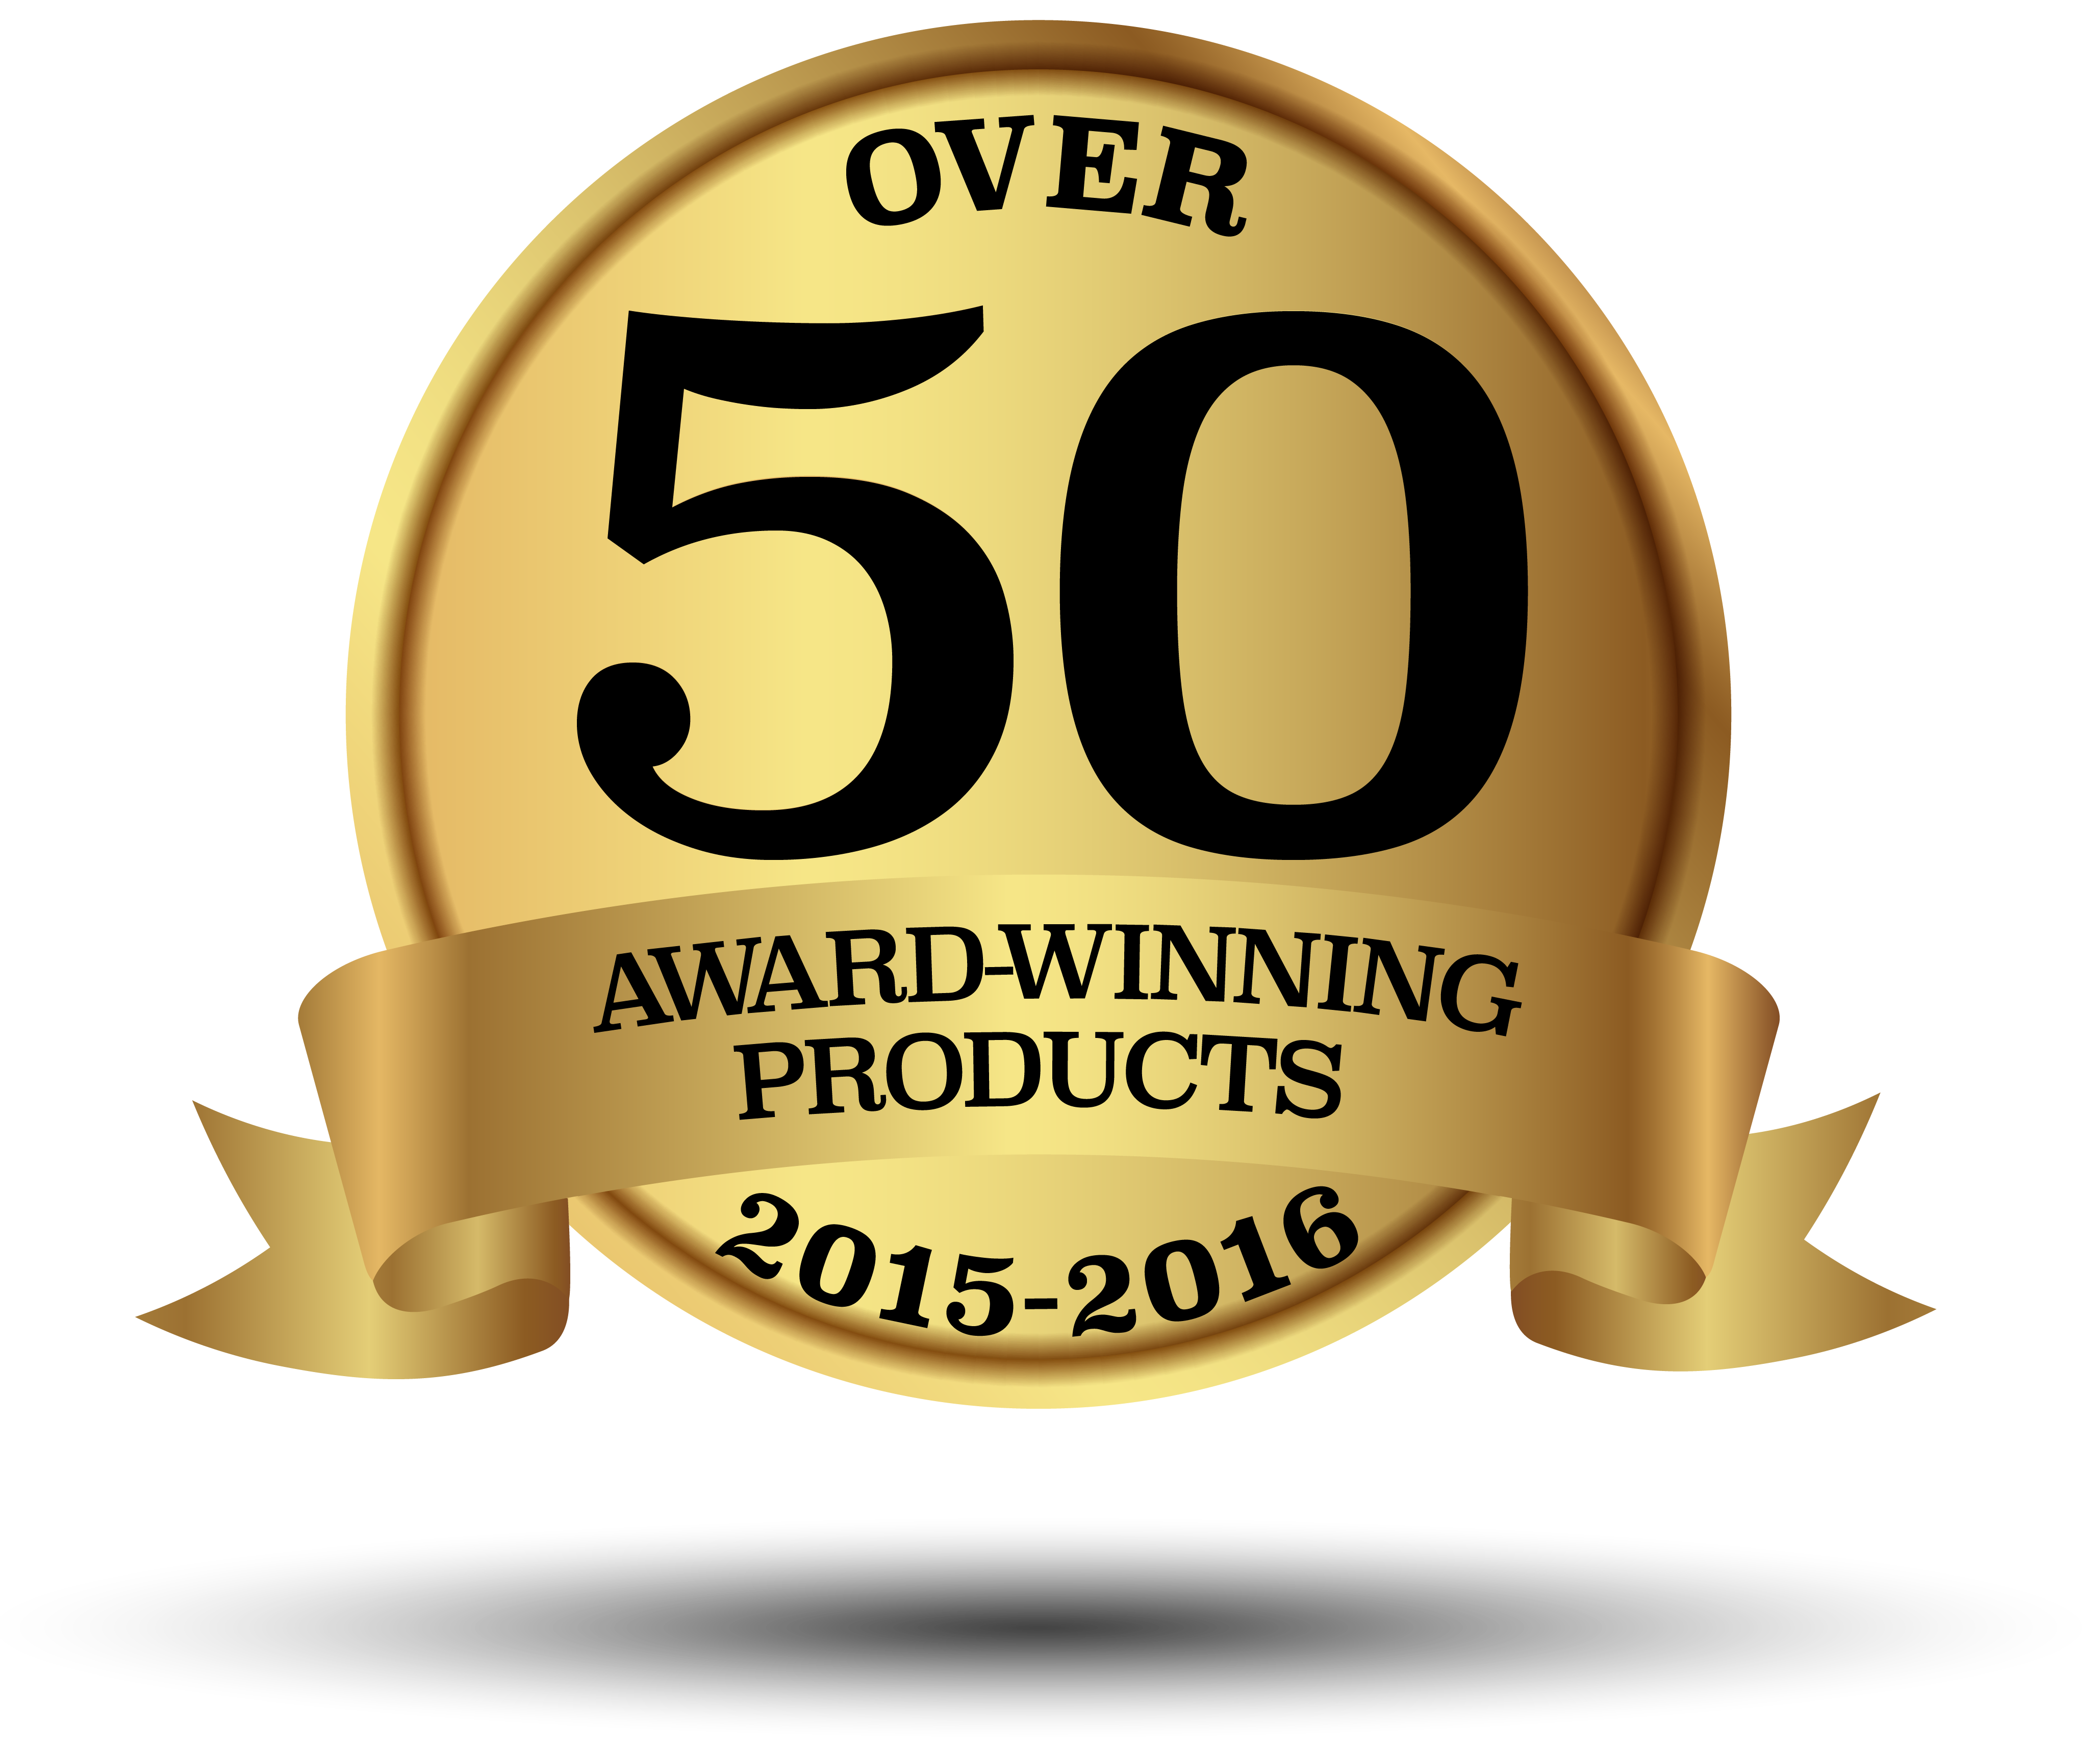 50awardwinningproducts-01